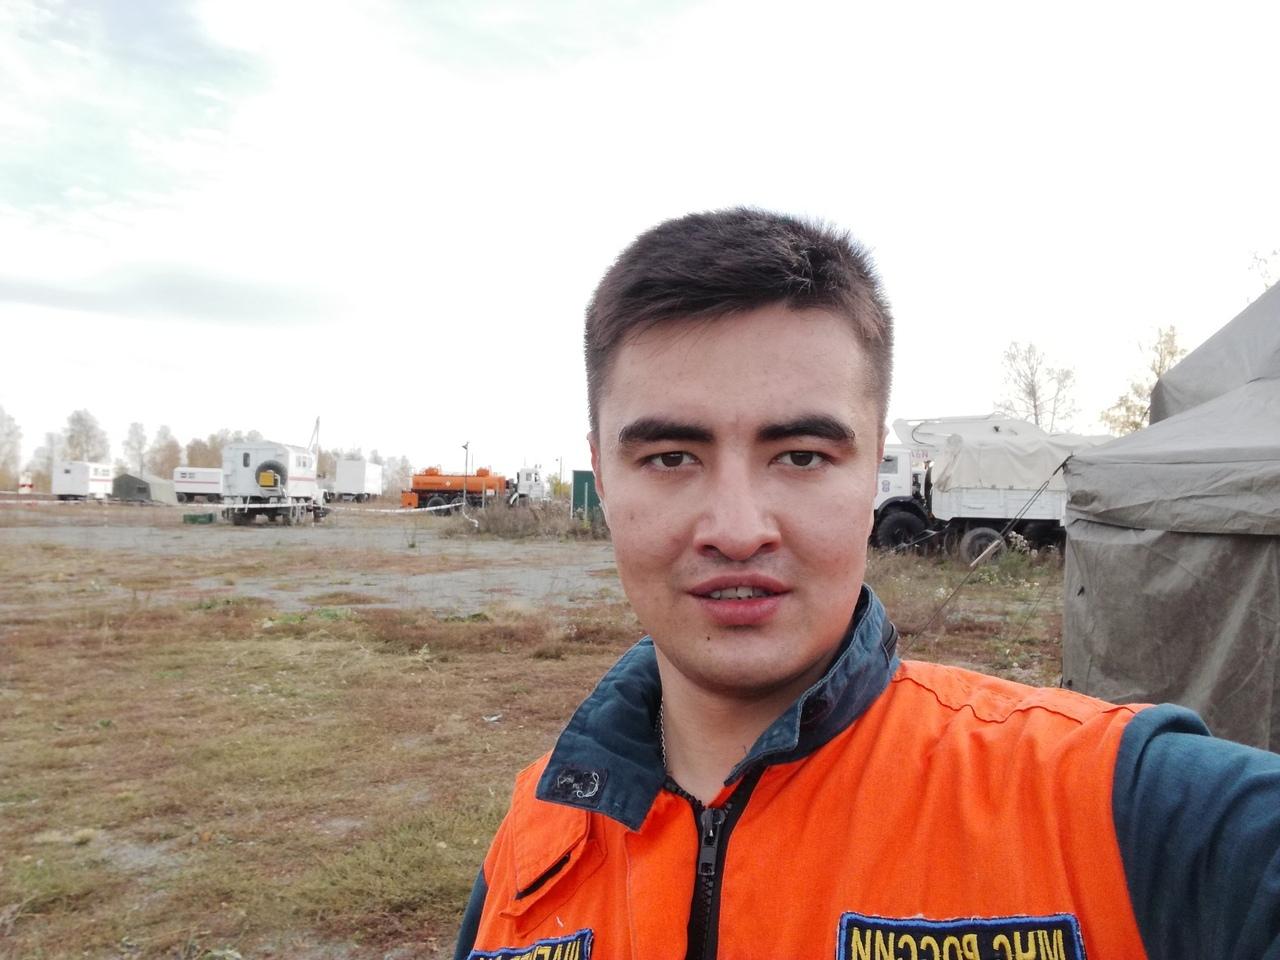 В Челябинской области, в поселке Новогорный, где дислоцируется 978 Учебный спасательный центр, в